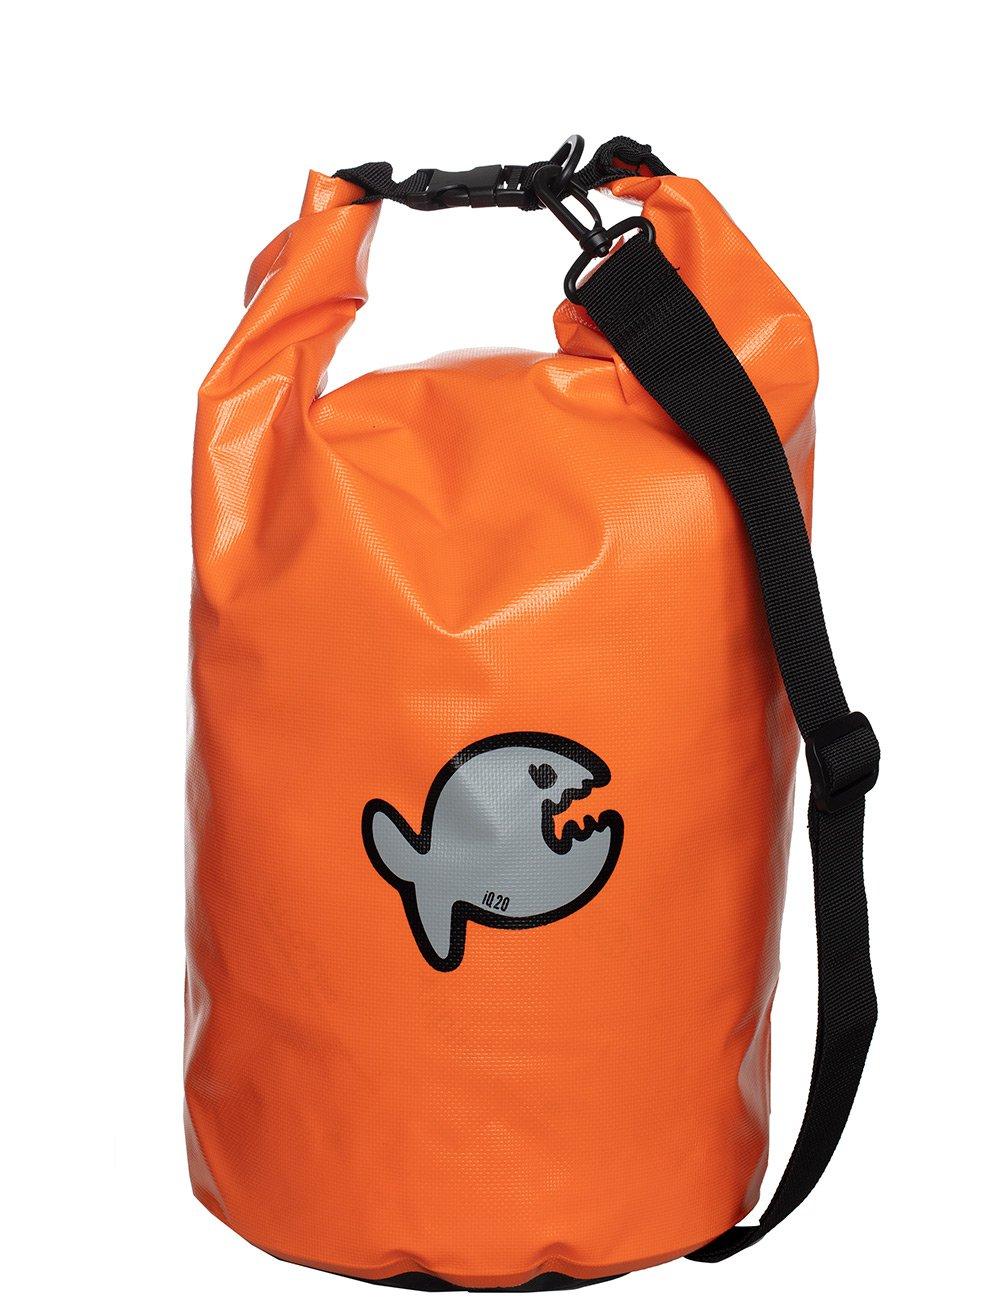 Sac /étanche iQ Dry Bag 20 20 L